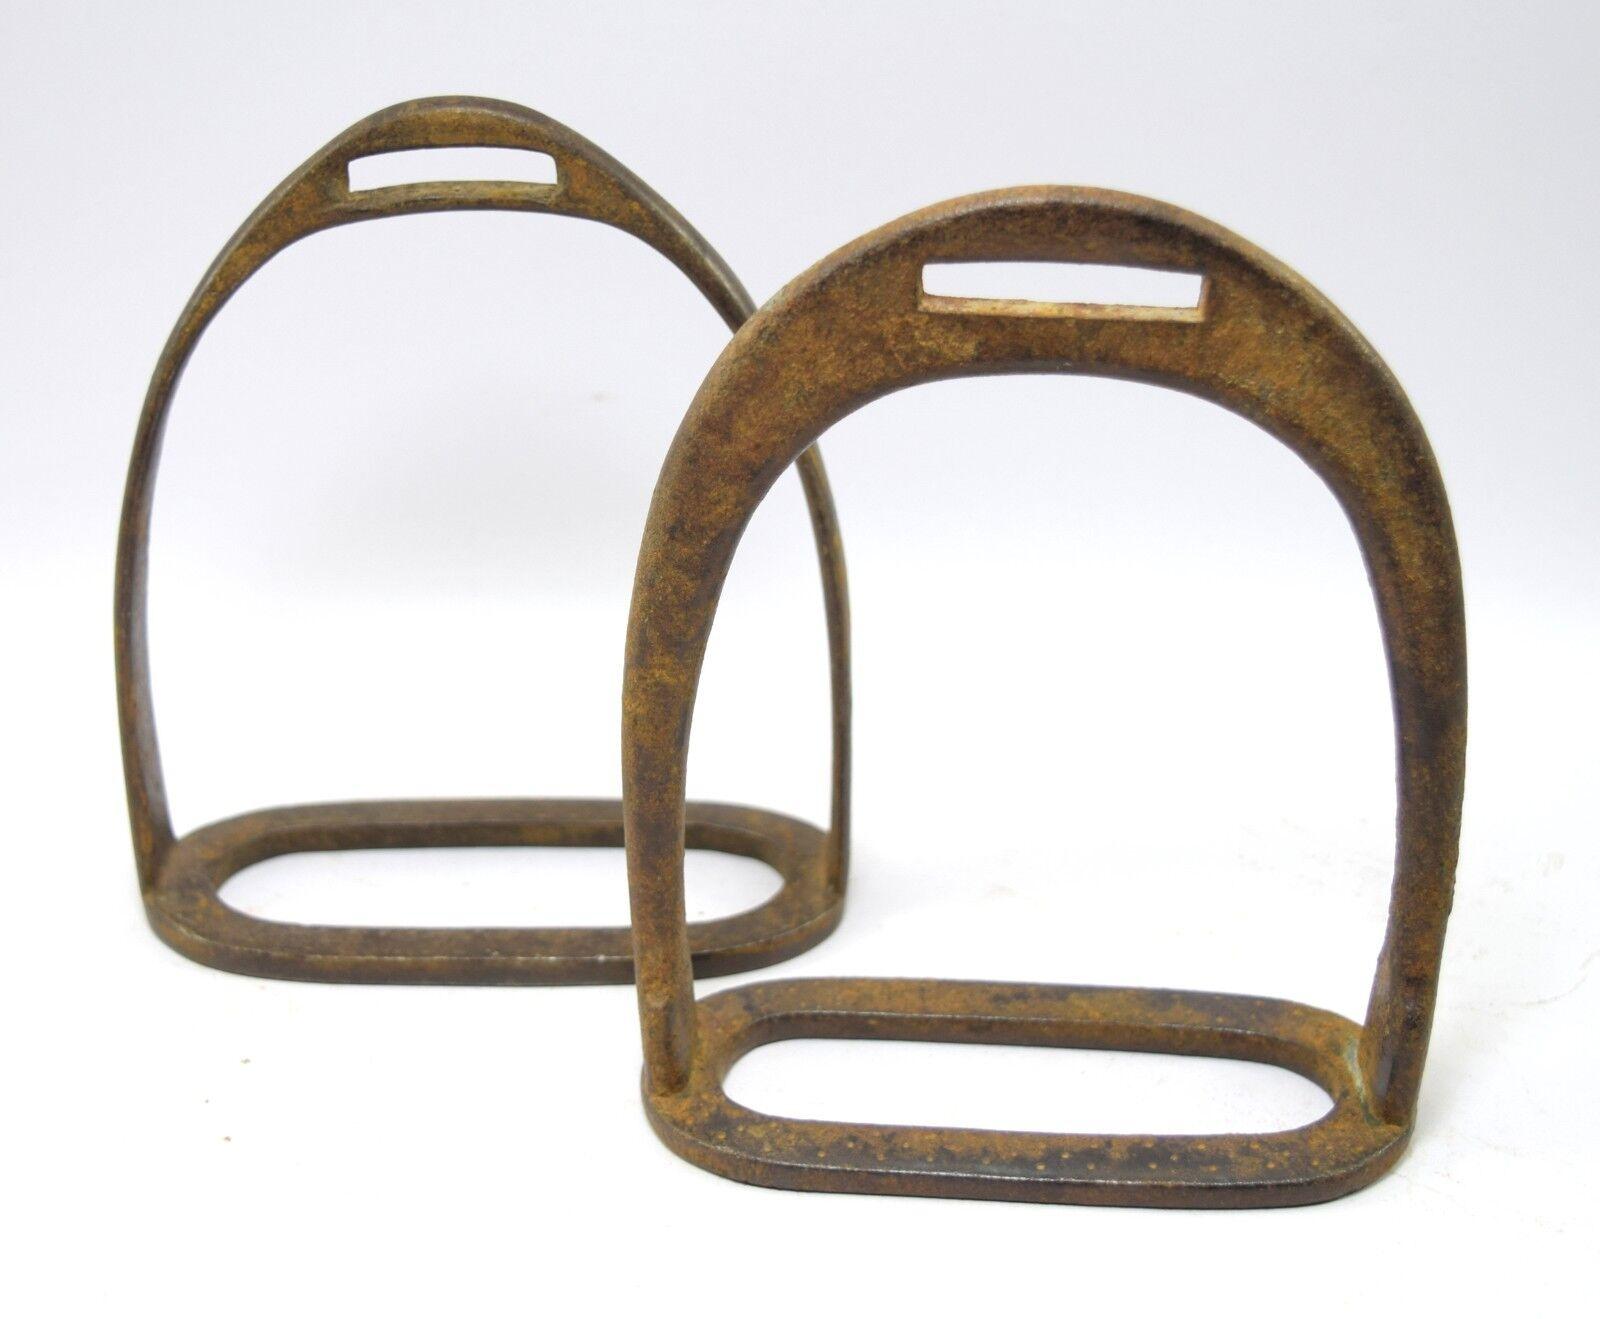 Coleccionables Indian Vintage Caballo estribo Par Pies Pedal Granja Decoración. G42-163 US